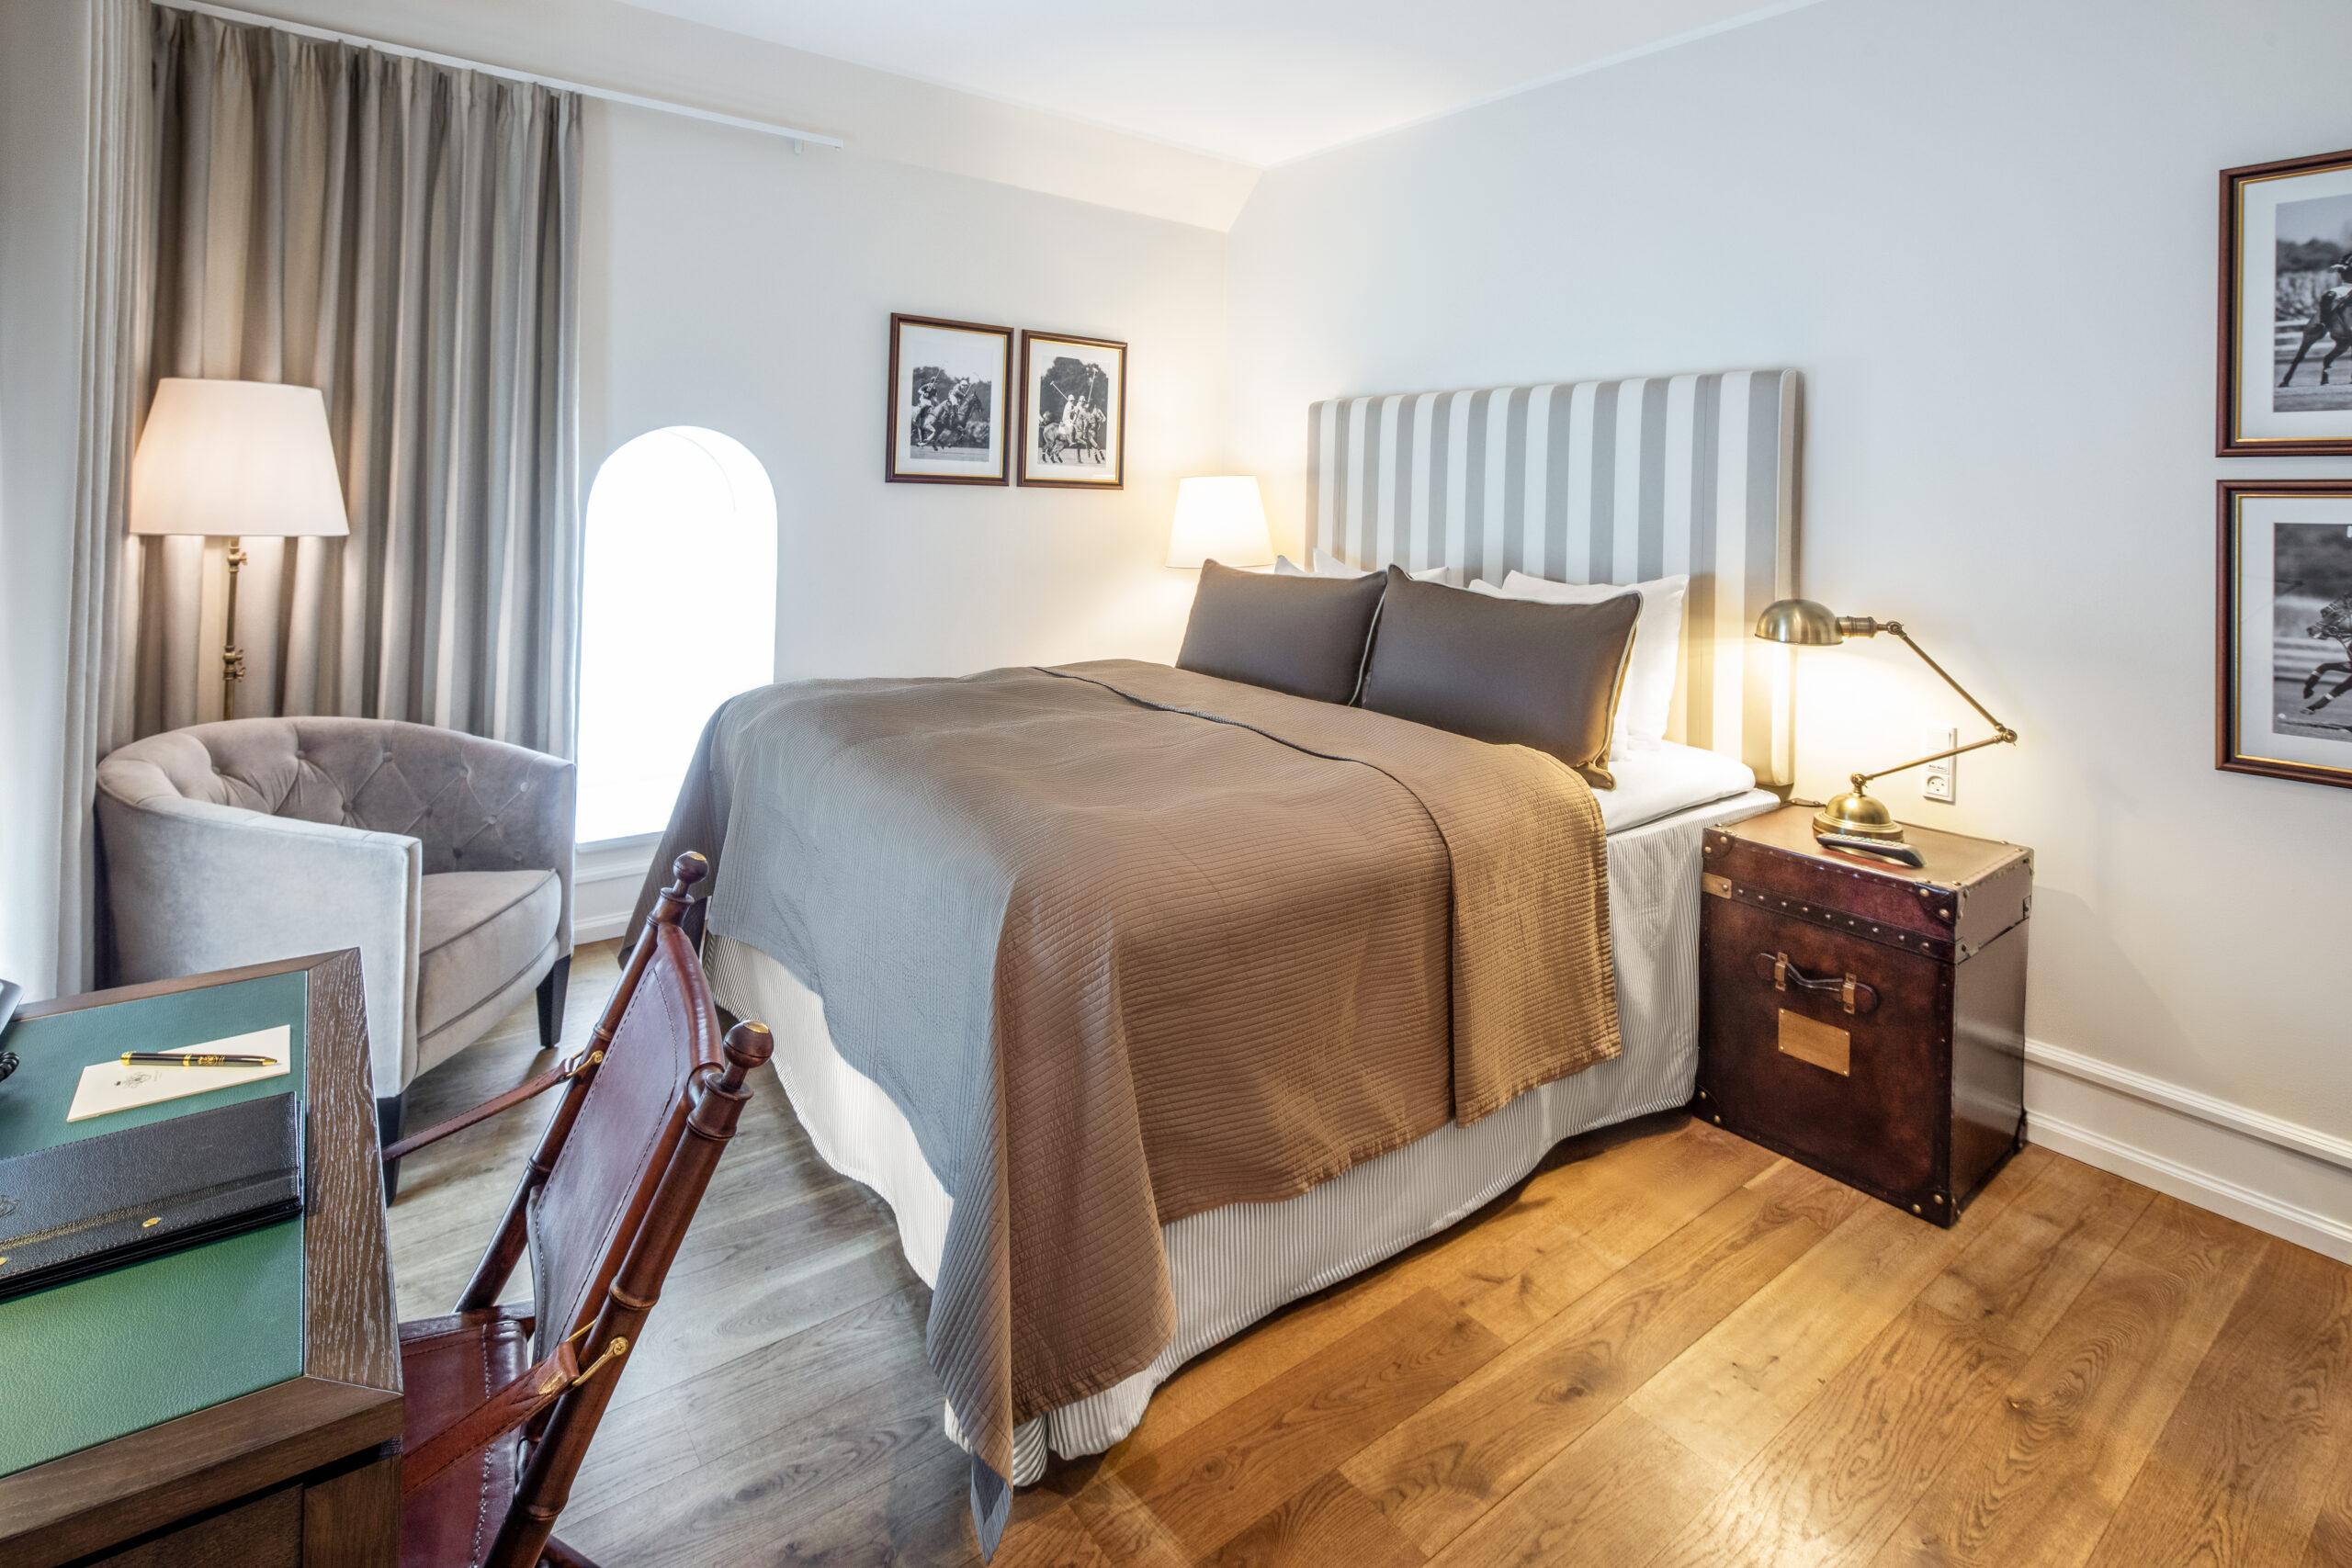 Standard dobbeltværelse med gammeldags sengebord og lampe, samt klassisk designet skrivebord og stol med fin pen og notesblok samt lædermappe på bordet